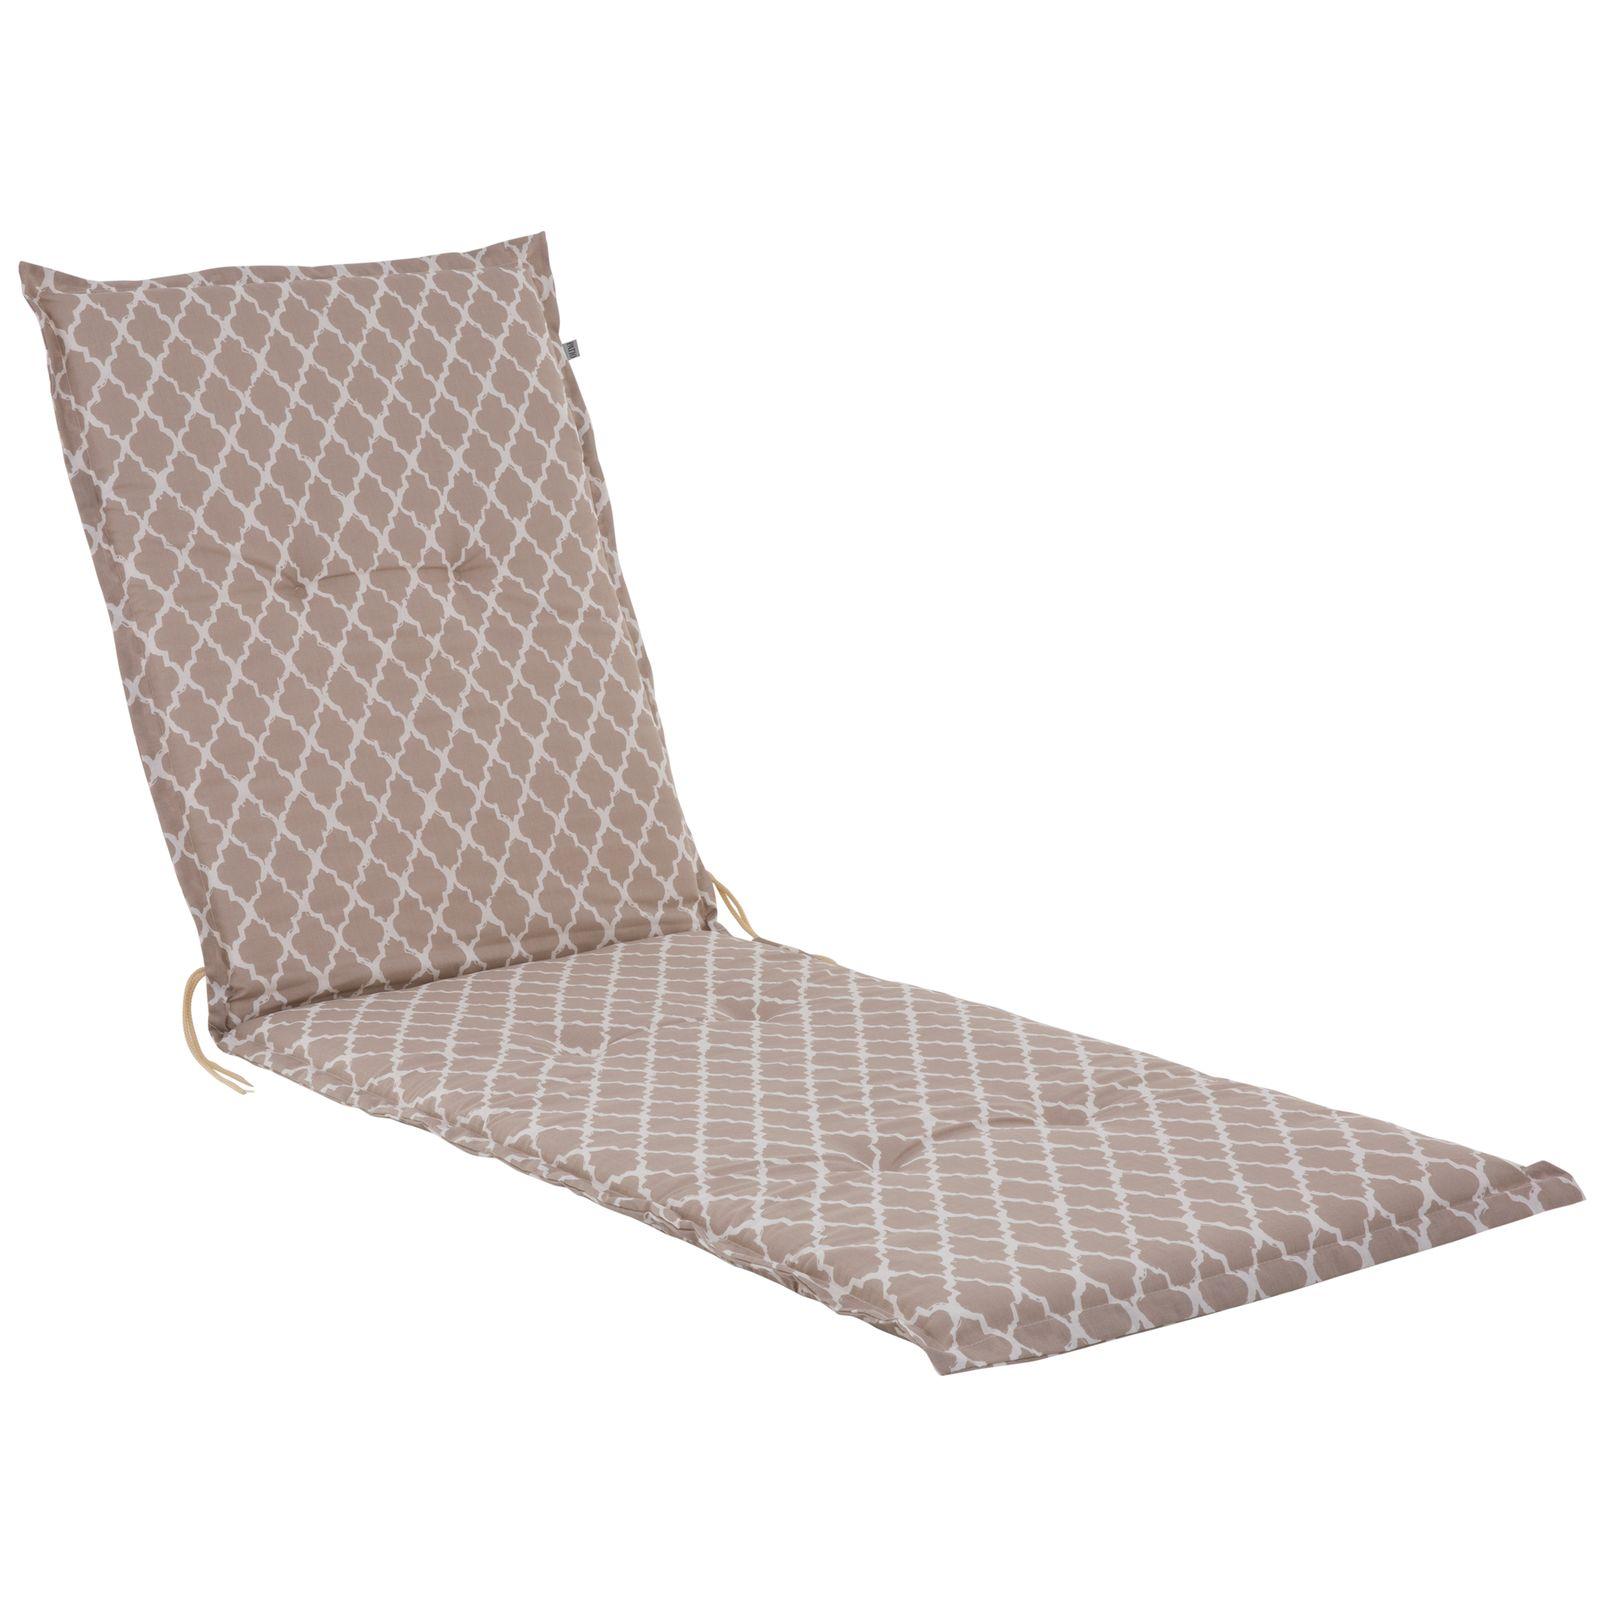 Poduszka na leżak / łóżko Malezja Liege 5 cm H030-05PB PATIO